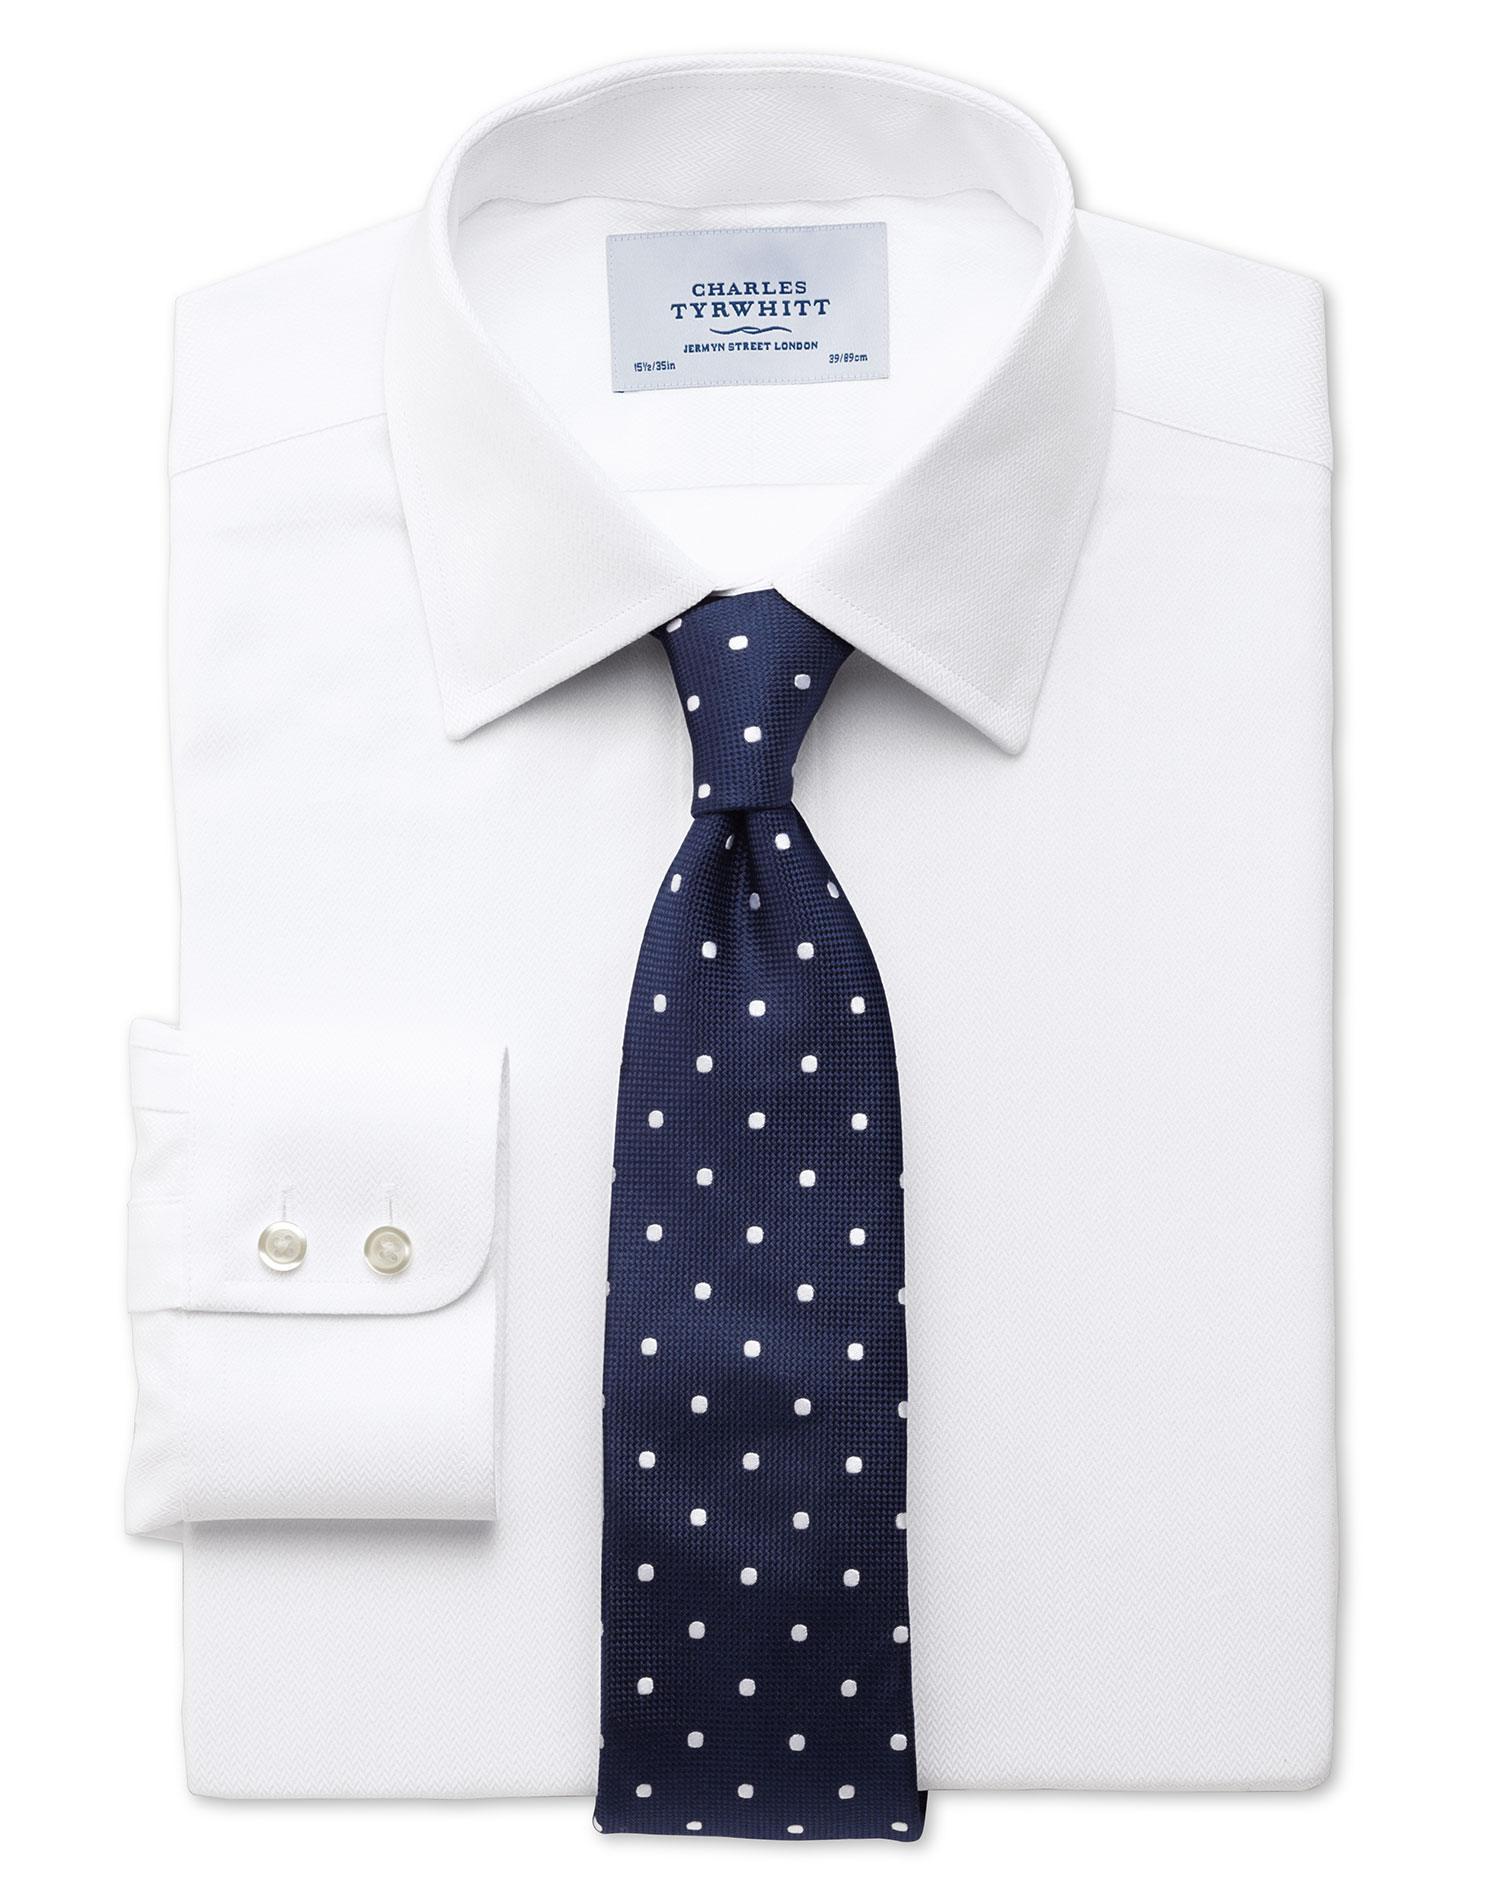 Chemise Charles Tyrwhitt + une cravate en soie